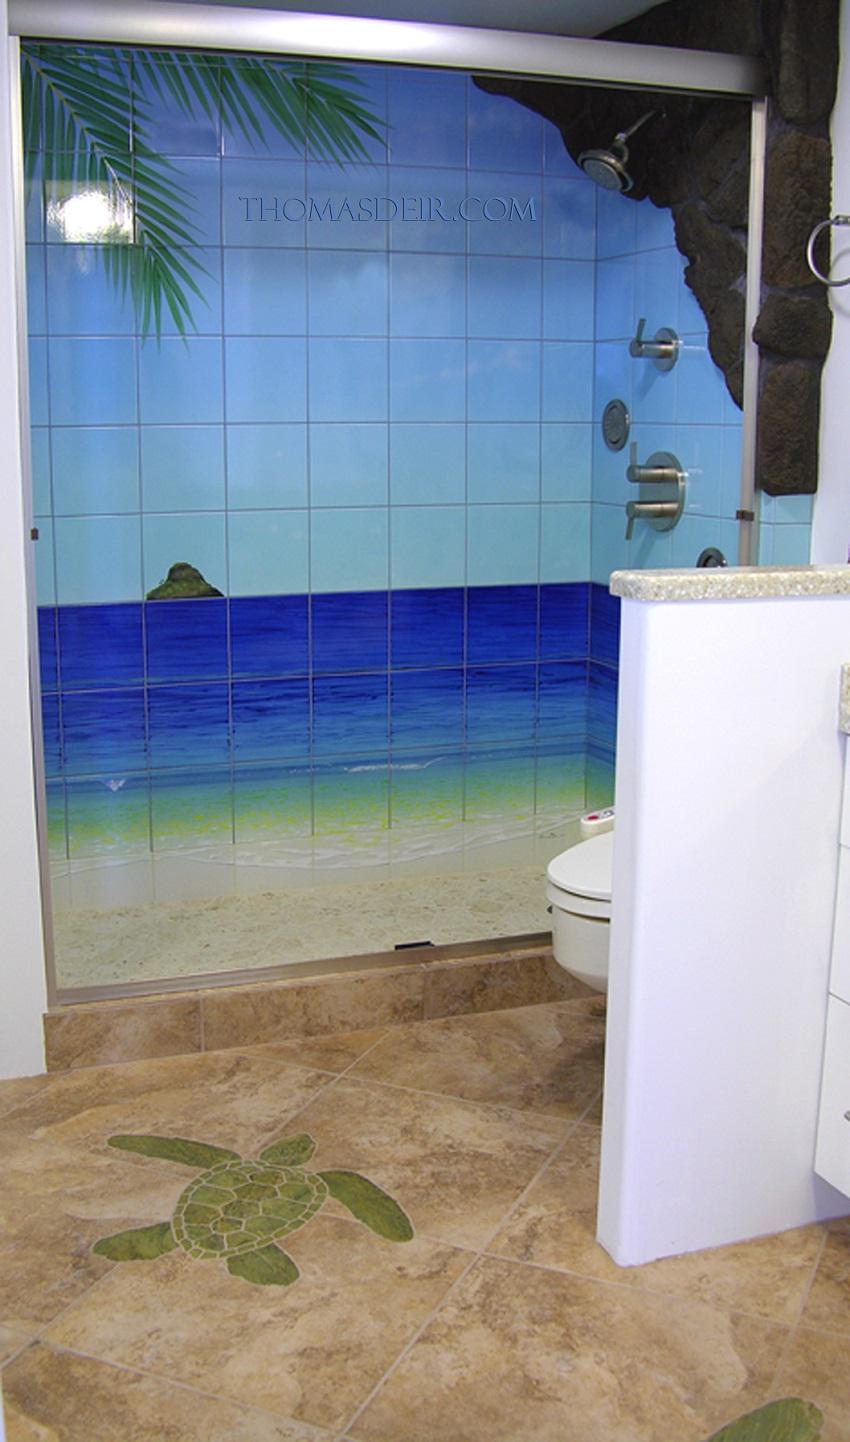 Bathroom Tile Murals Tropical Beach